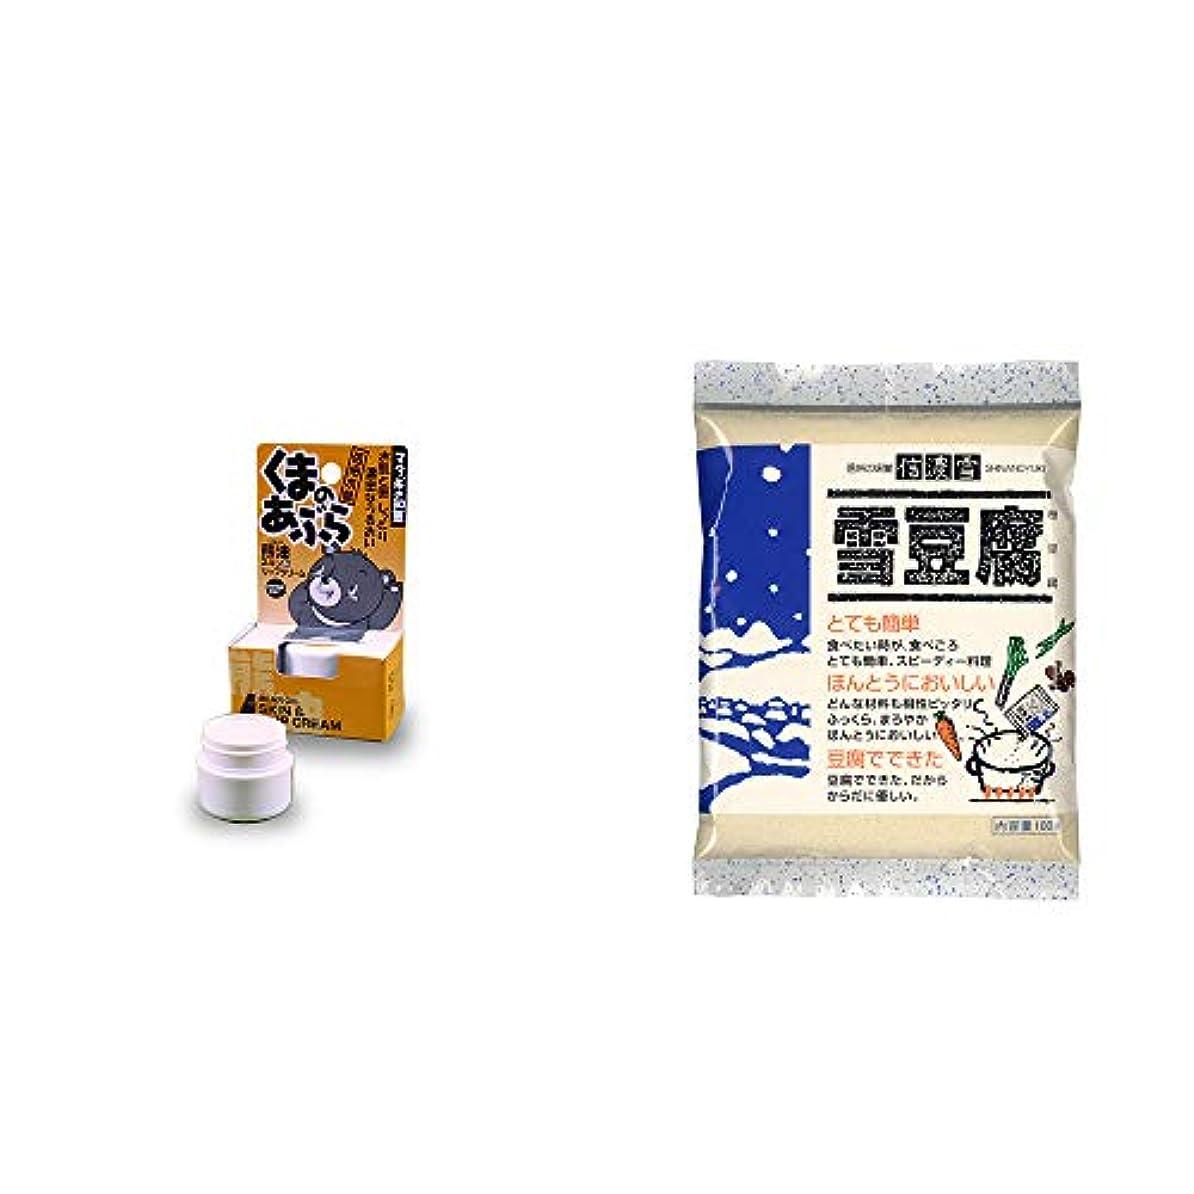 火曜日ロードされた材料[2点セット] 信州木曽 くまのあぶら 熊油スキン&リップクリーム(9g)?信濃雪 雪豆腐(粉豆腐)(100g)